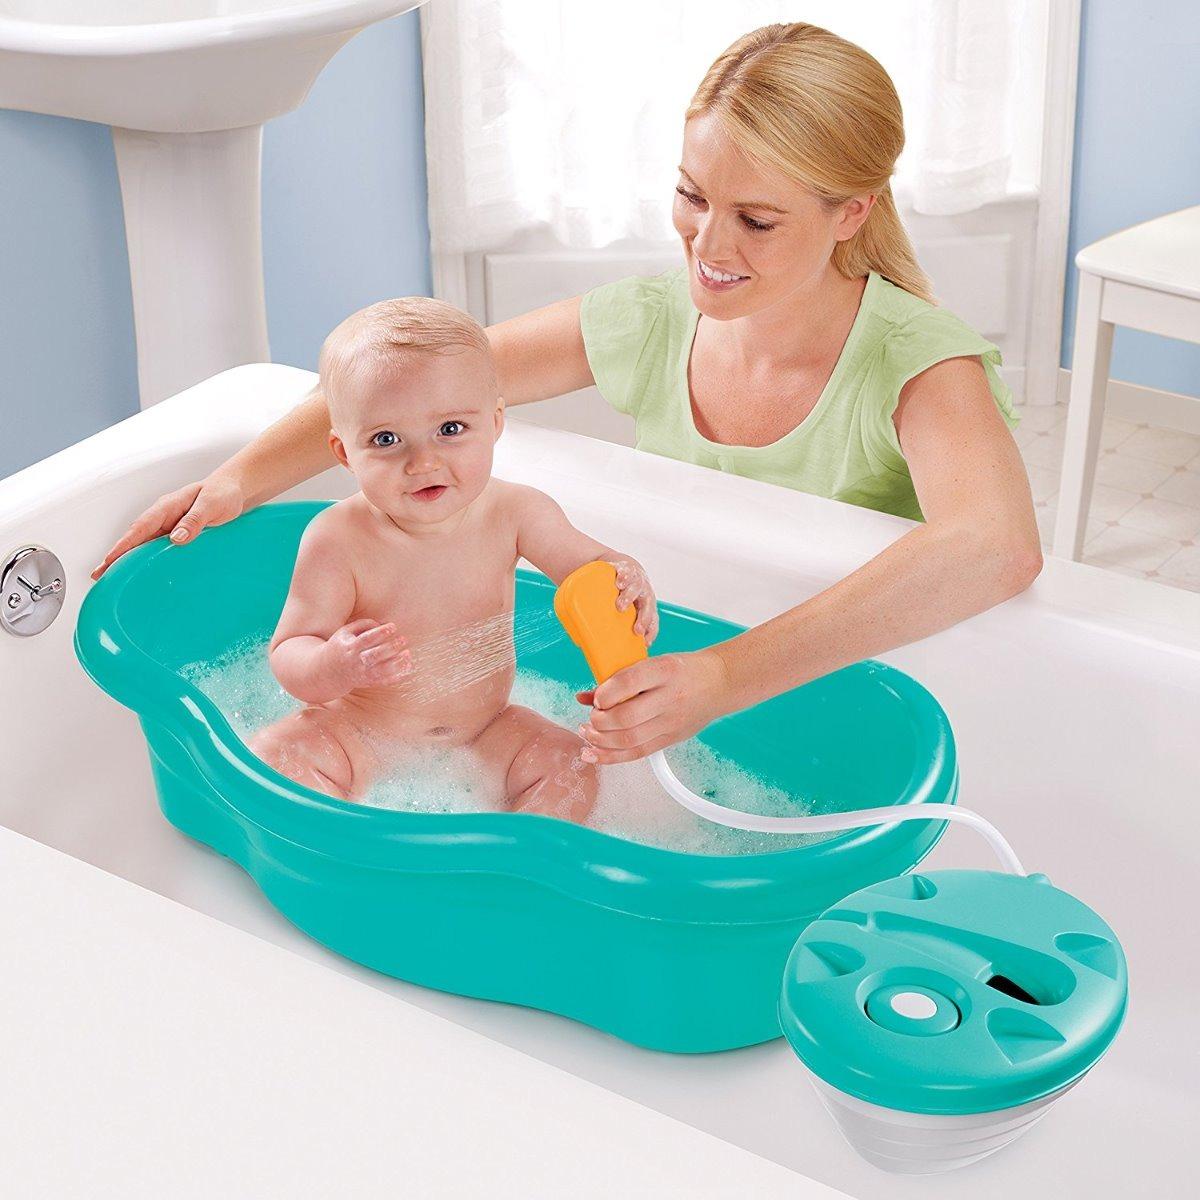 Tina ba era bebe con ducha incluida marca summer original - Banera ninos para ducha ...